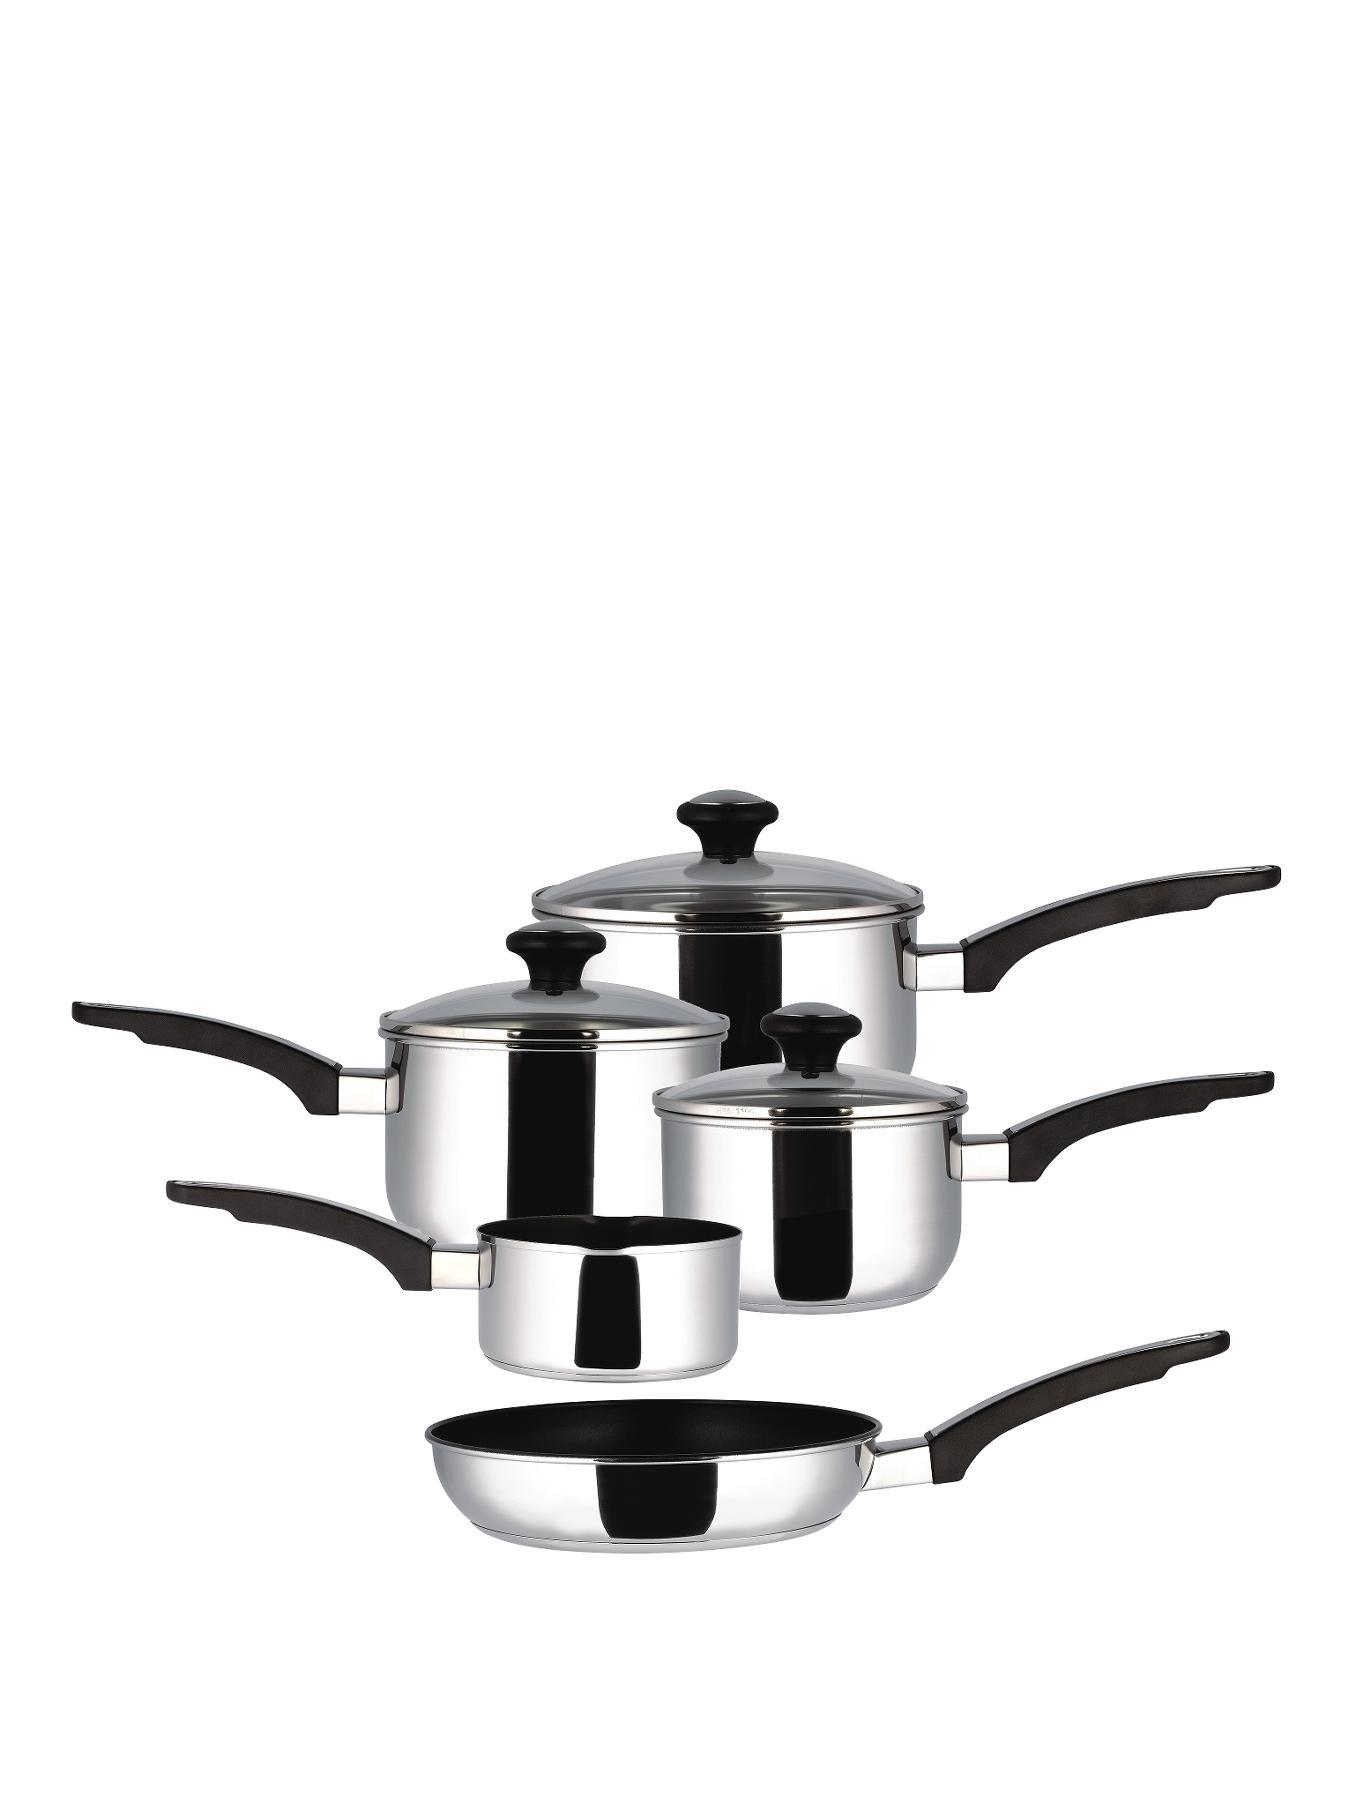 Prestige 5-Piece Cookware Set